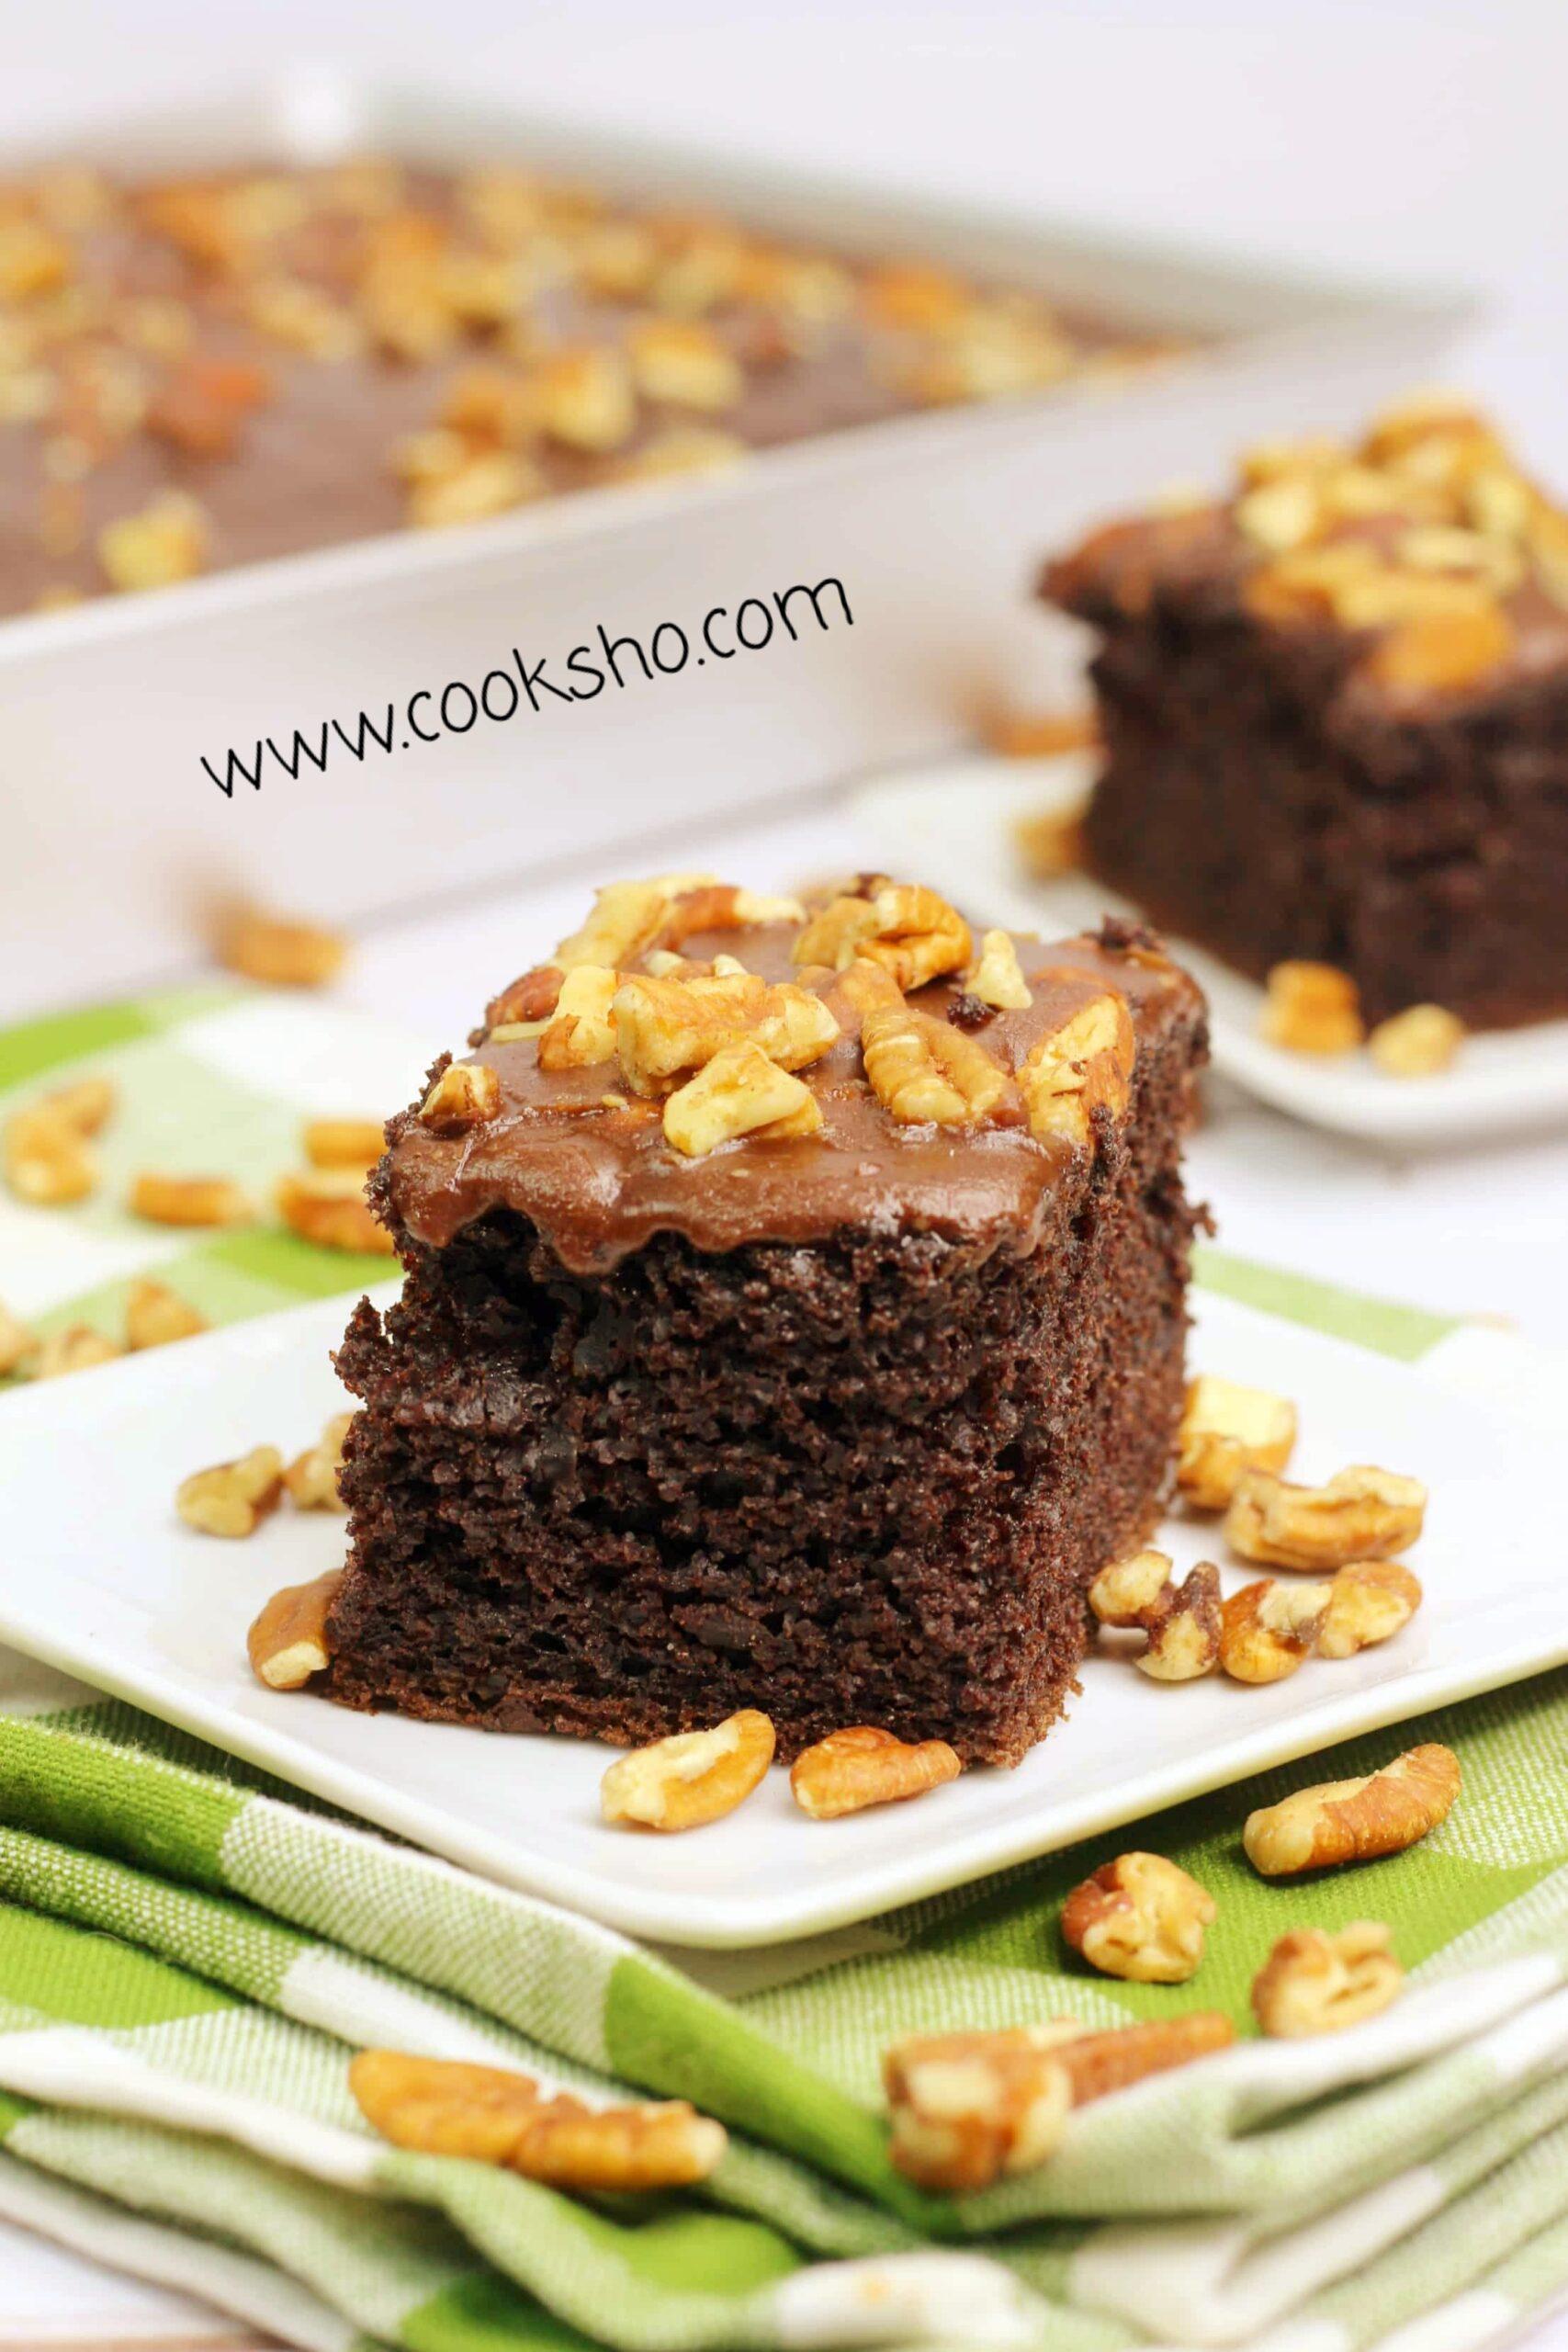 پرطرفدار ترین طرز تهیه کیک خیس ترکیه ای